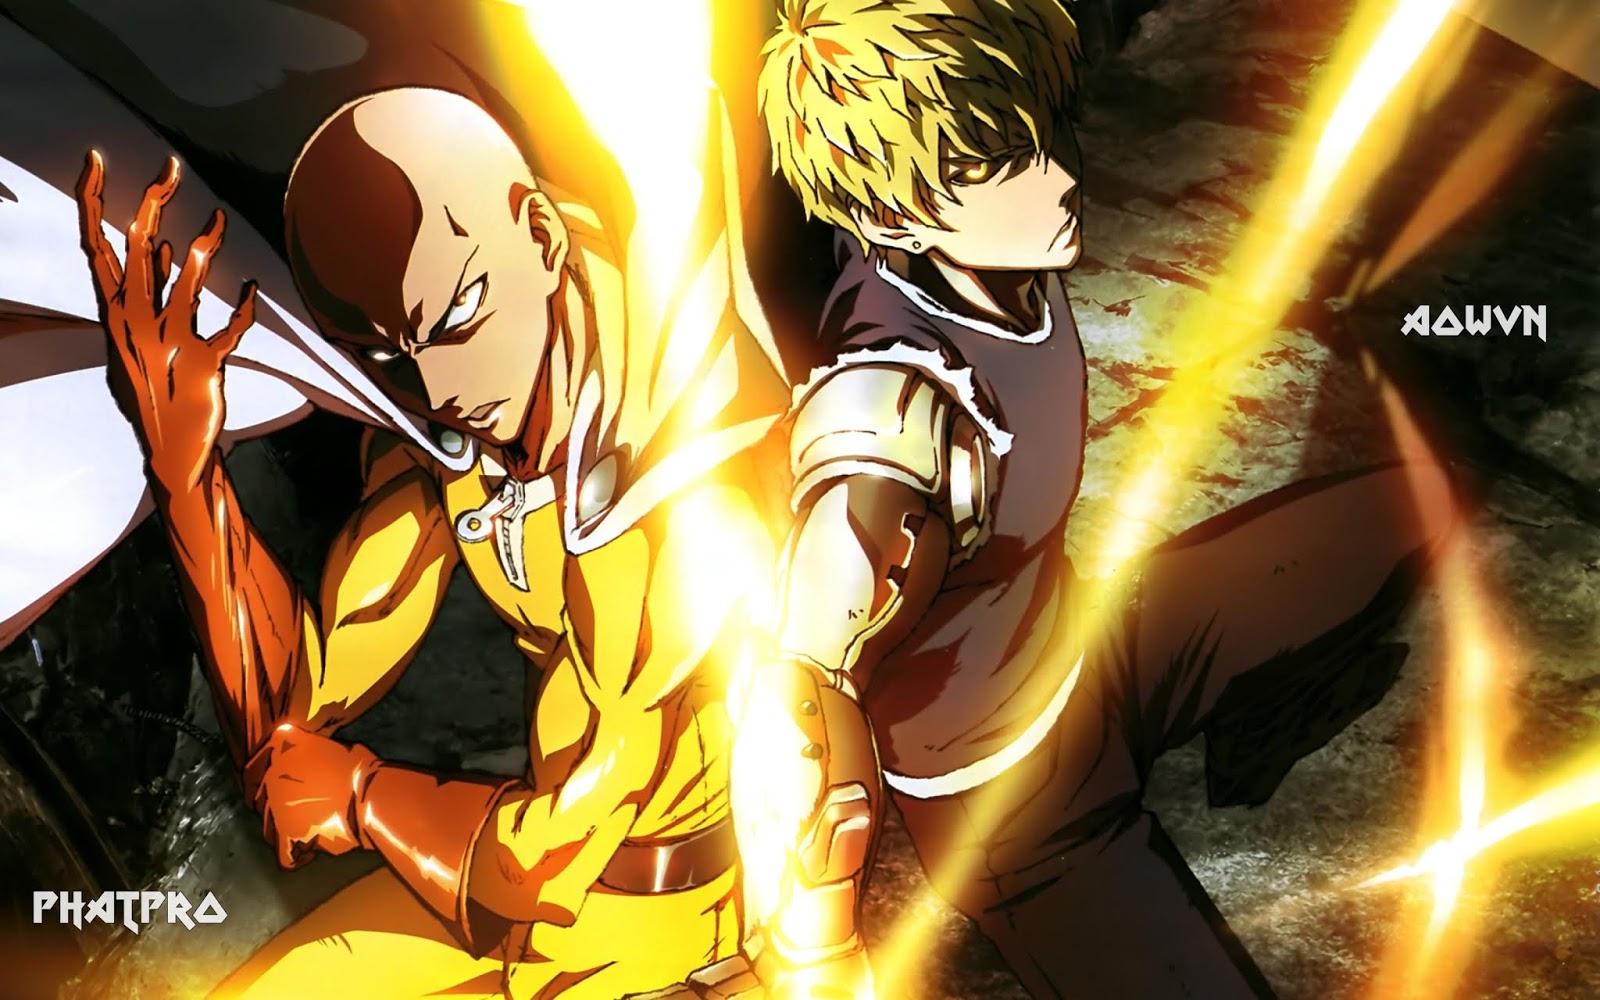 OPM%2B %2BPhatpro%2B%25283%2529 - [ Anime Mp4 ] One Punch Man SS2 | Vietsub - Siêu Phẩm Tái Xuất - Hay Miễn Chê